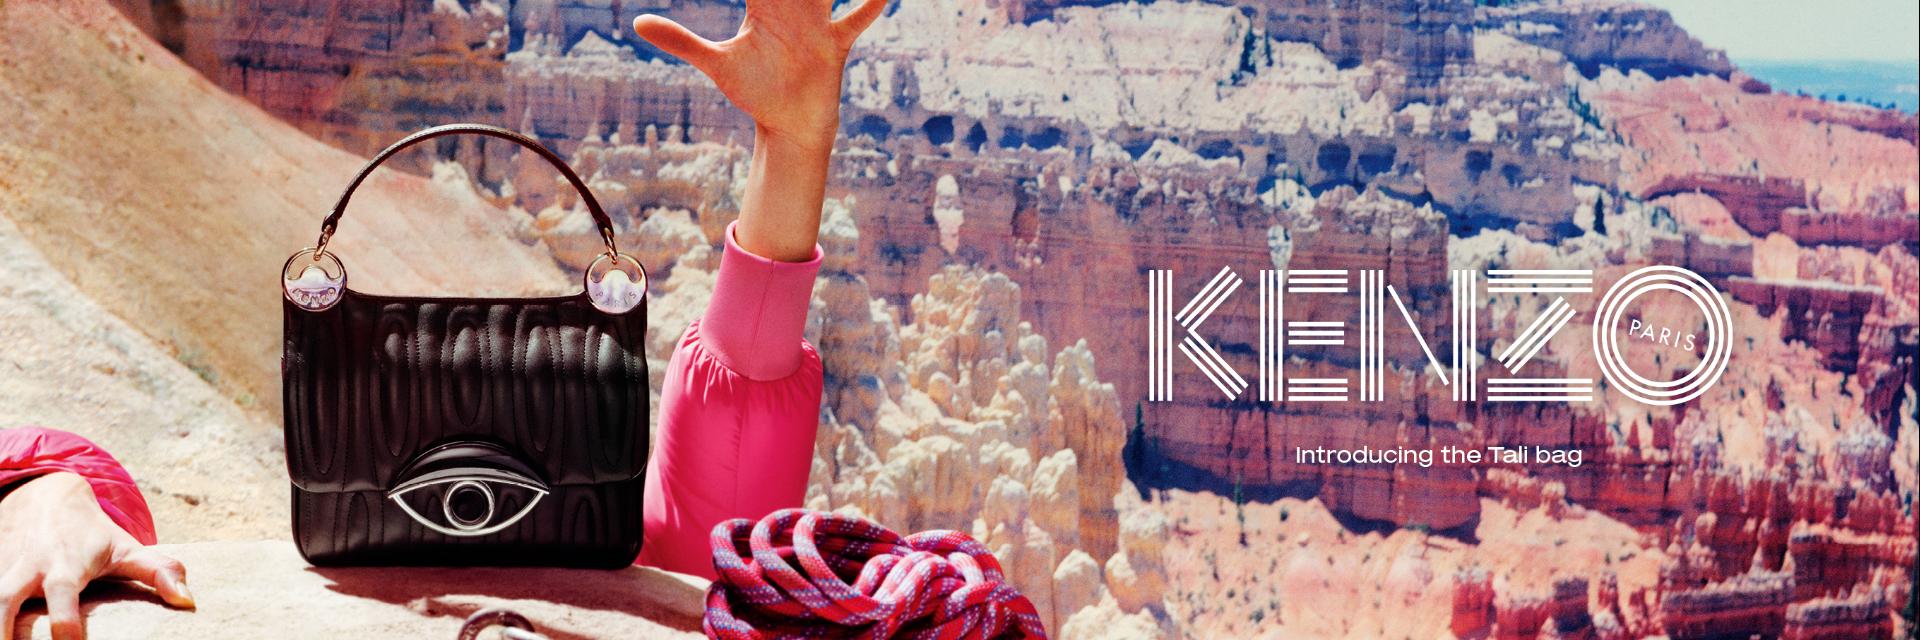 最時尚的守護神! KENZO  TALI BAG 不只要打破常規讓你大開眼界,還要讓你擁有力量和幸運!